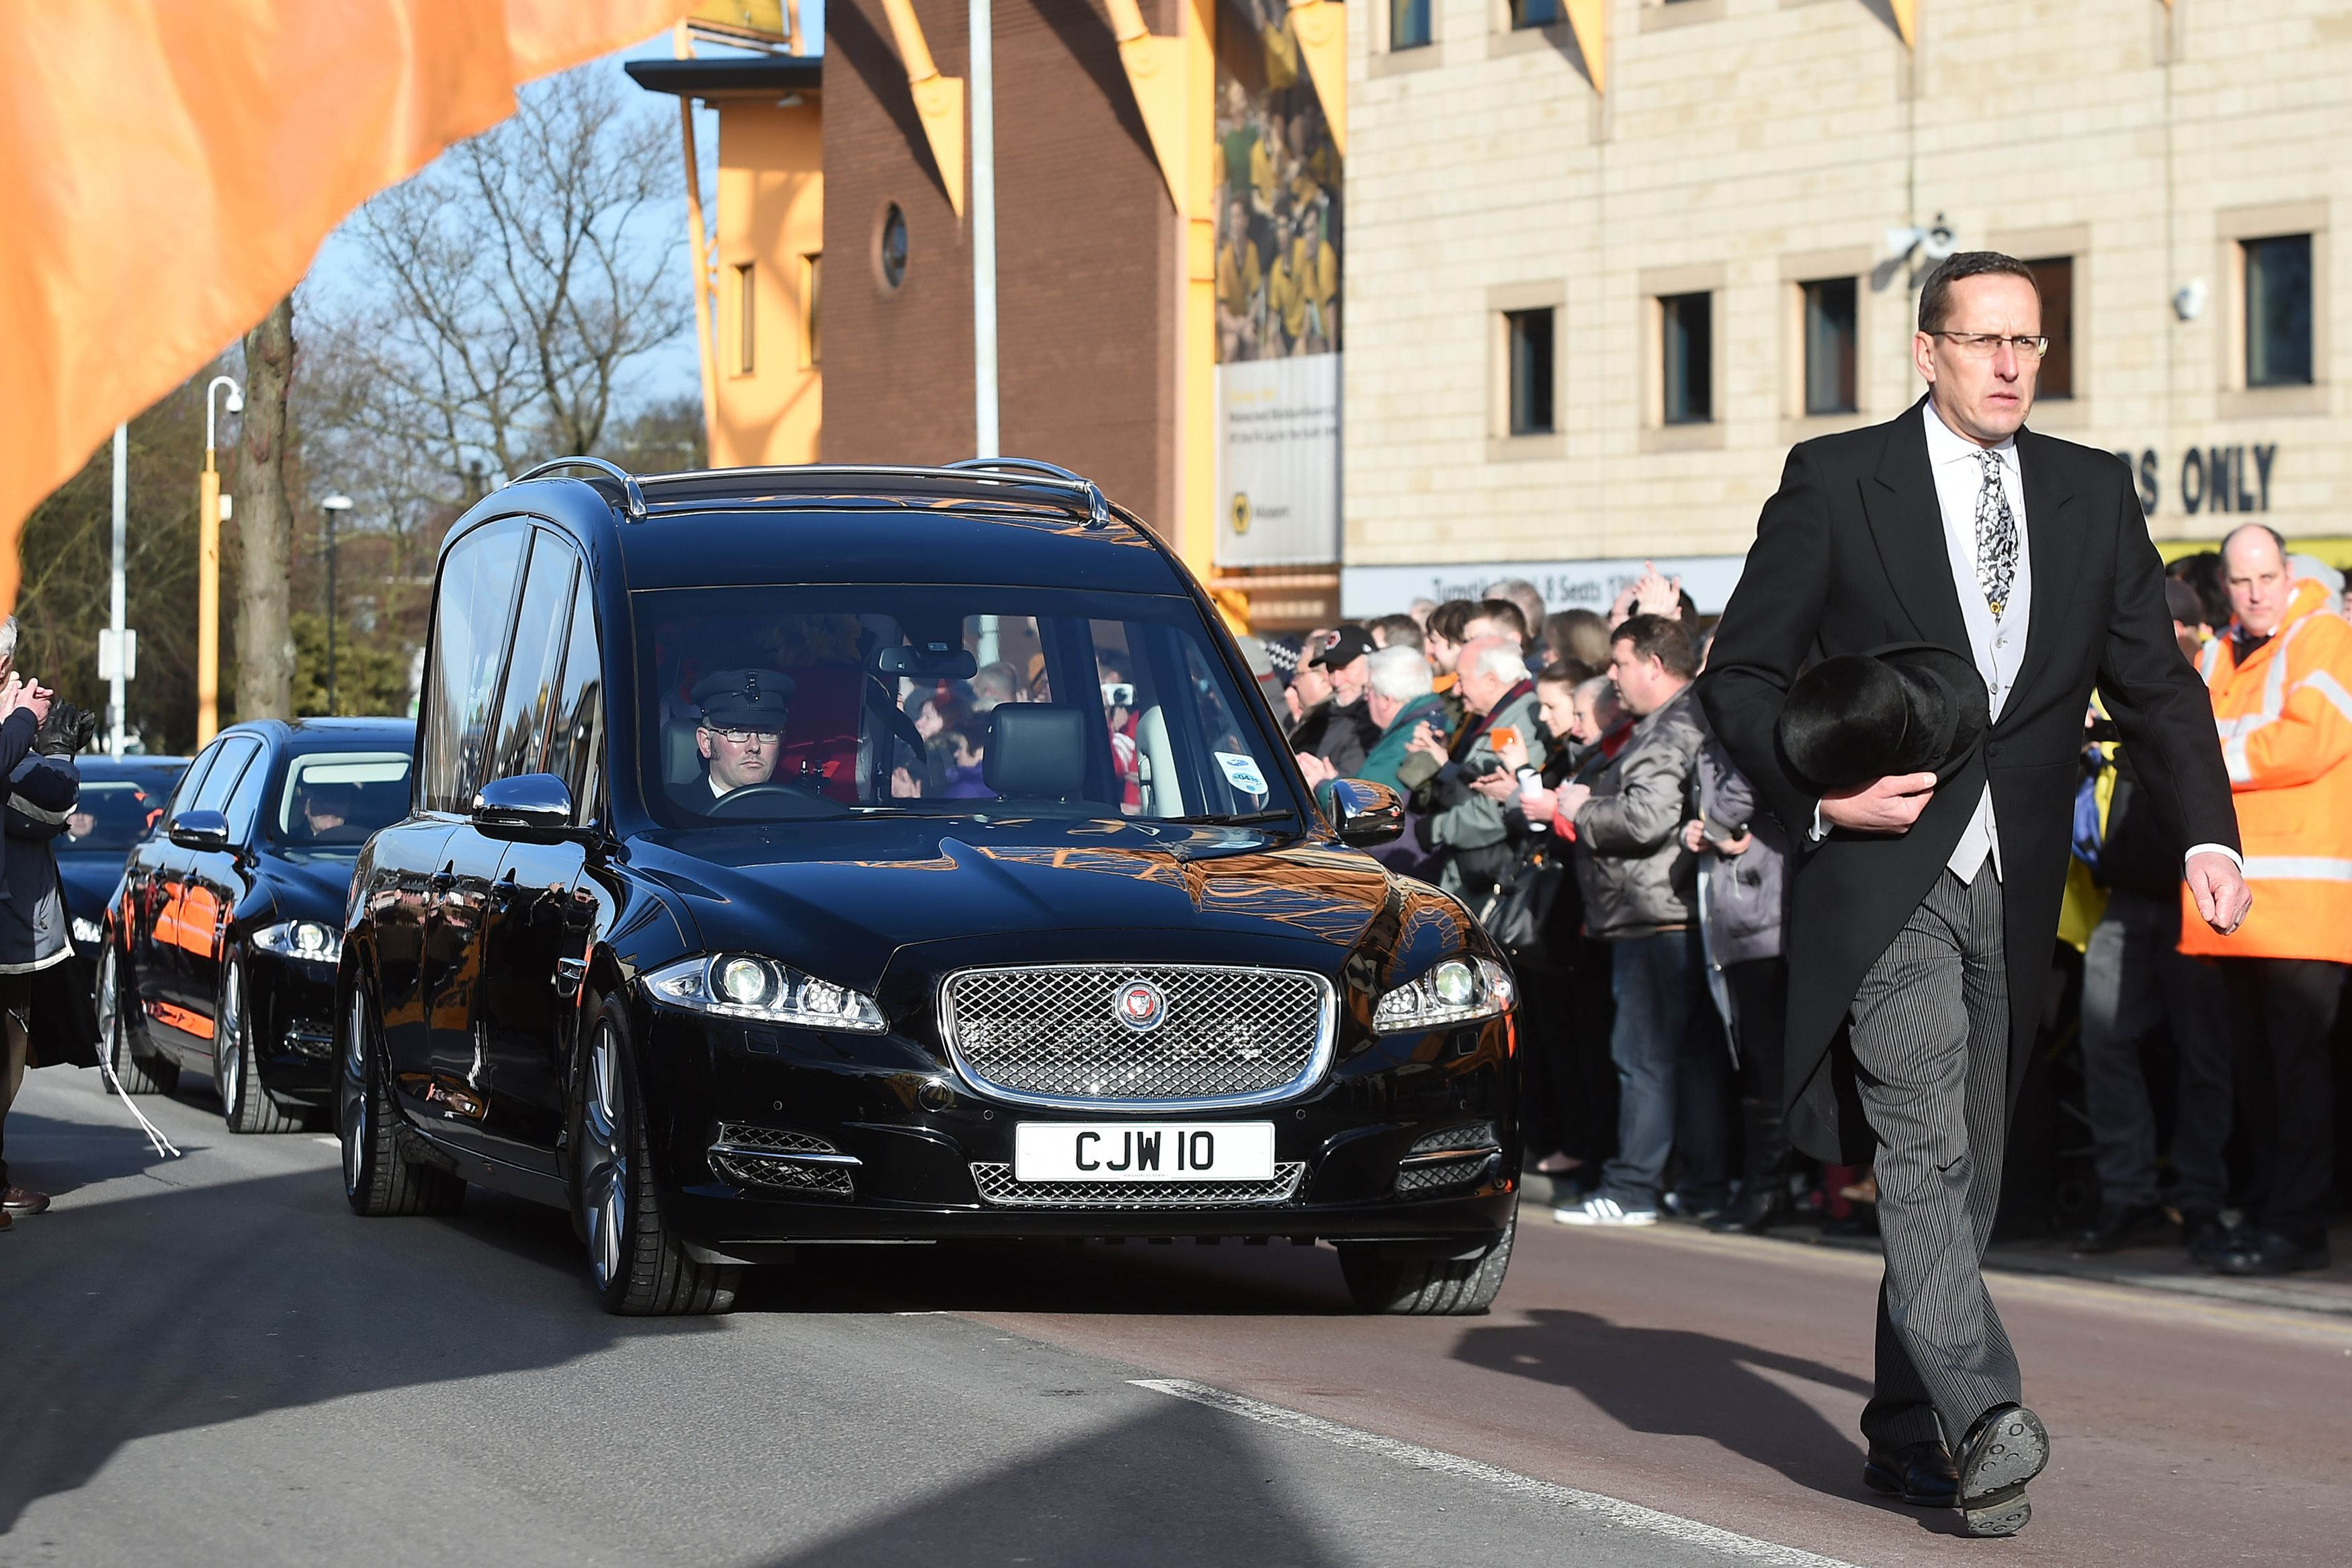 Sir Jack Hayward Funeral